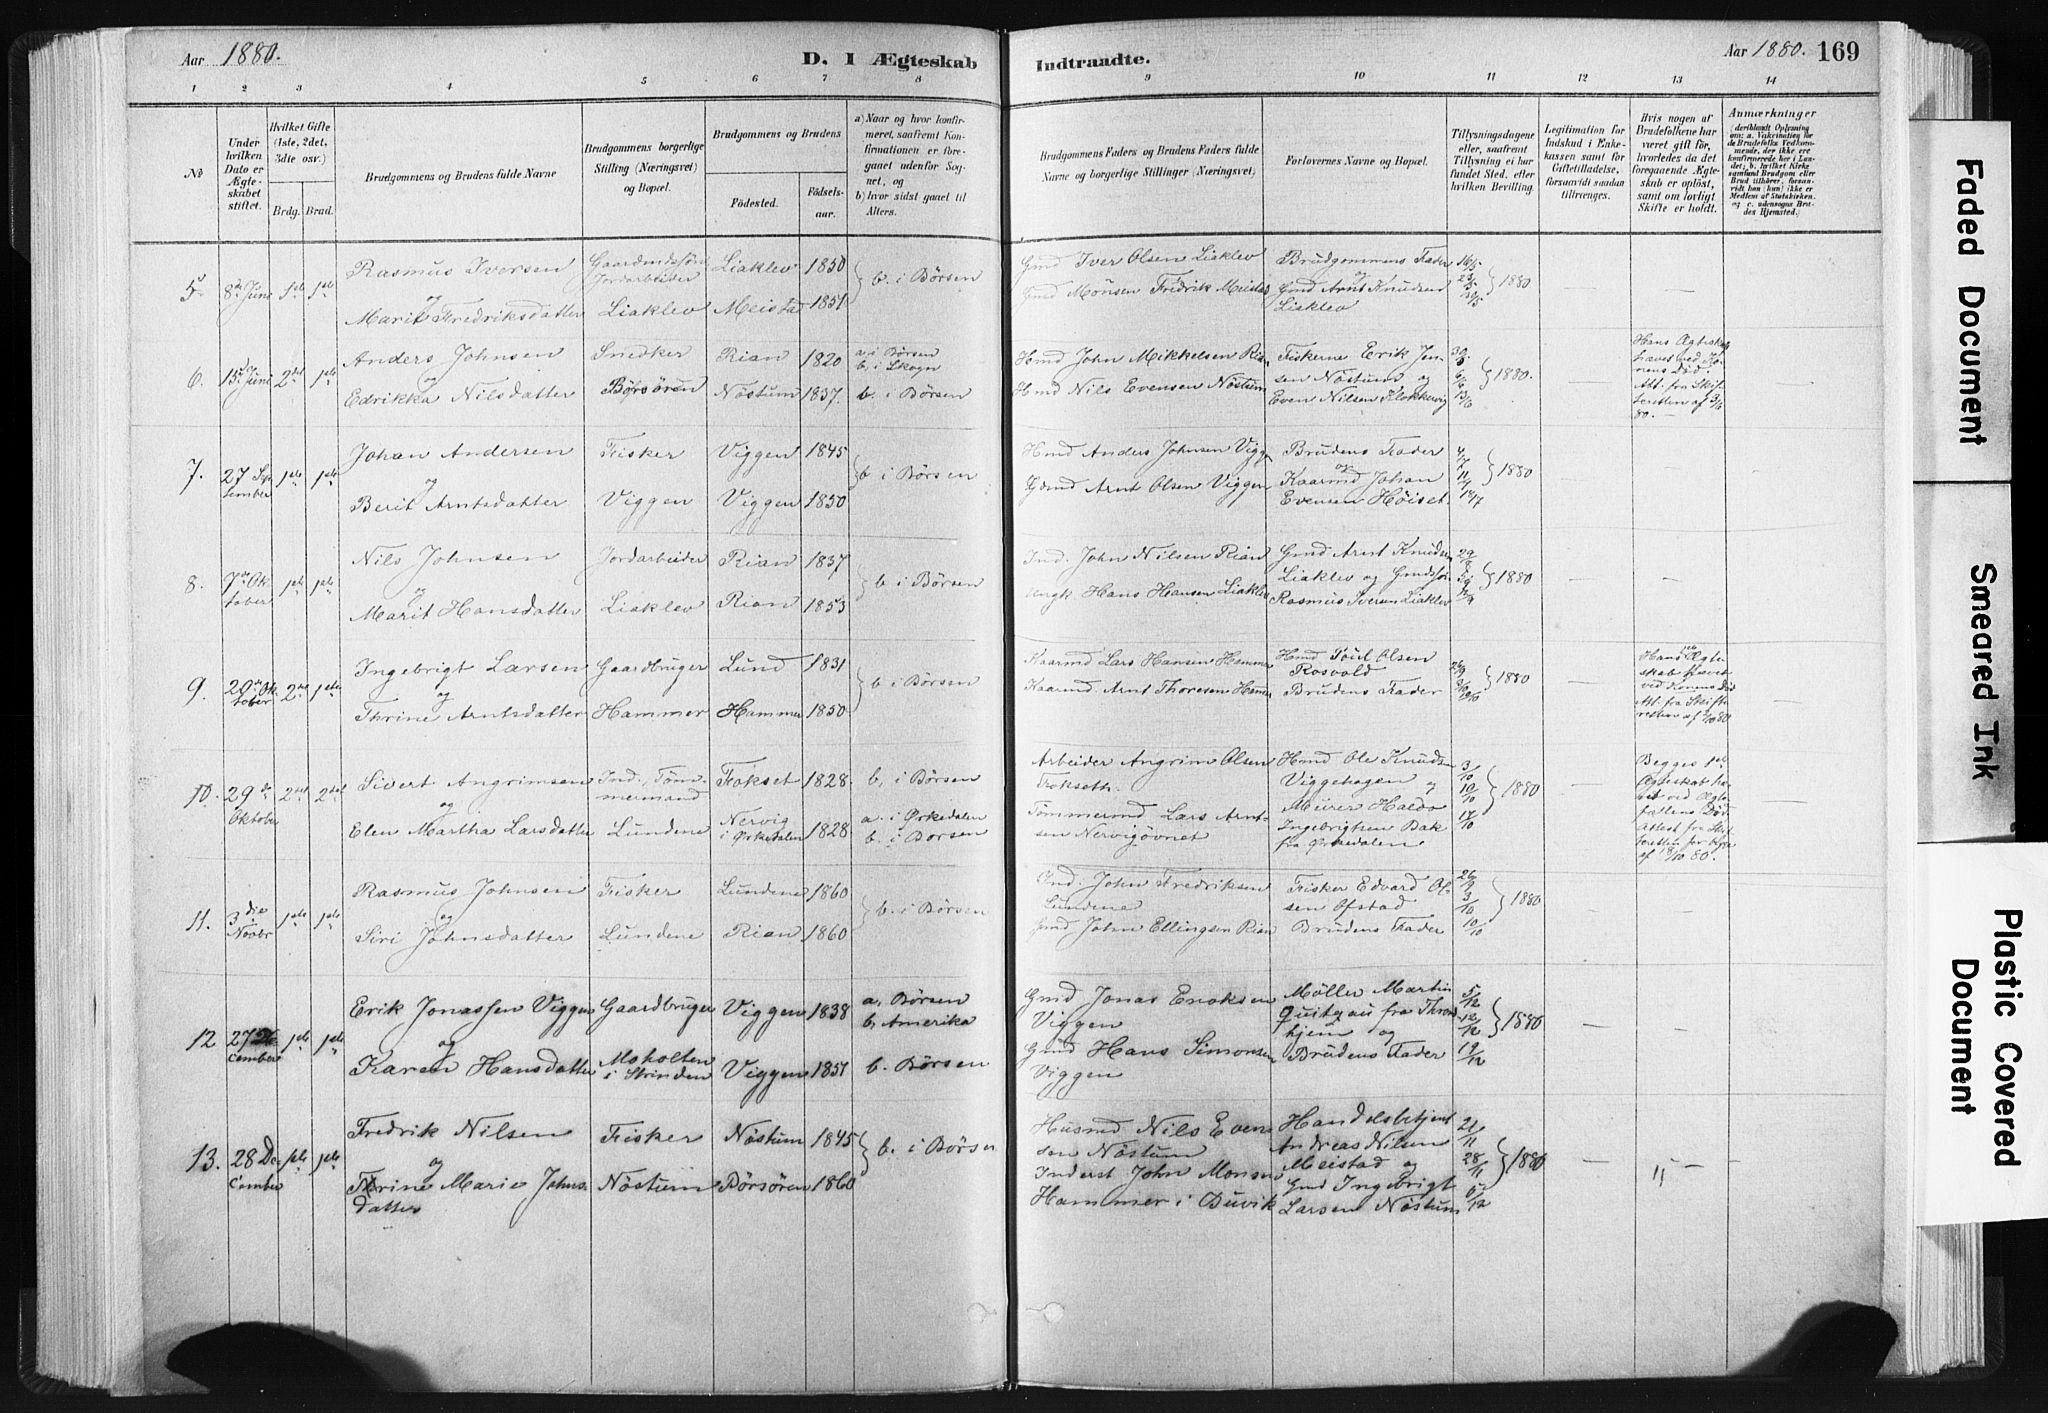 SAT, Ministerialprotokoller, klokkerbøker og fødselsregistre - Sør-Trøndelag, 665/L0773: Ministerialbok nr. 665A08, 1879-1905, s. 169